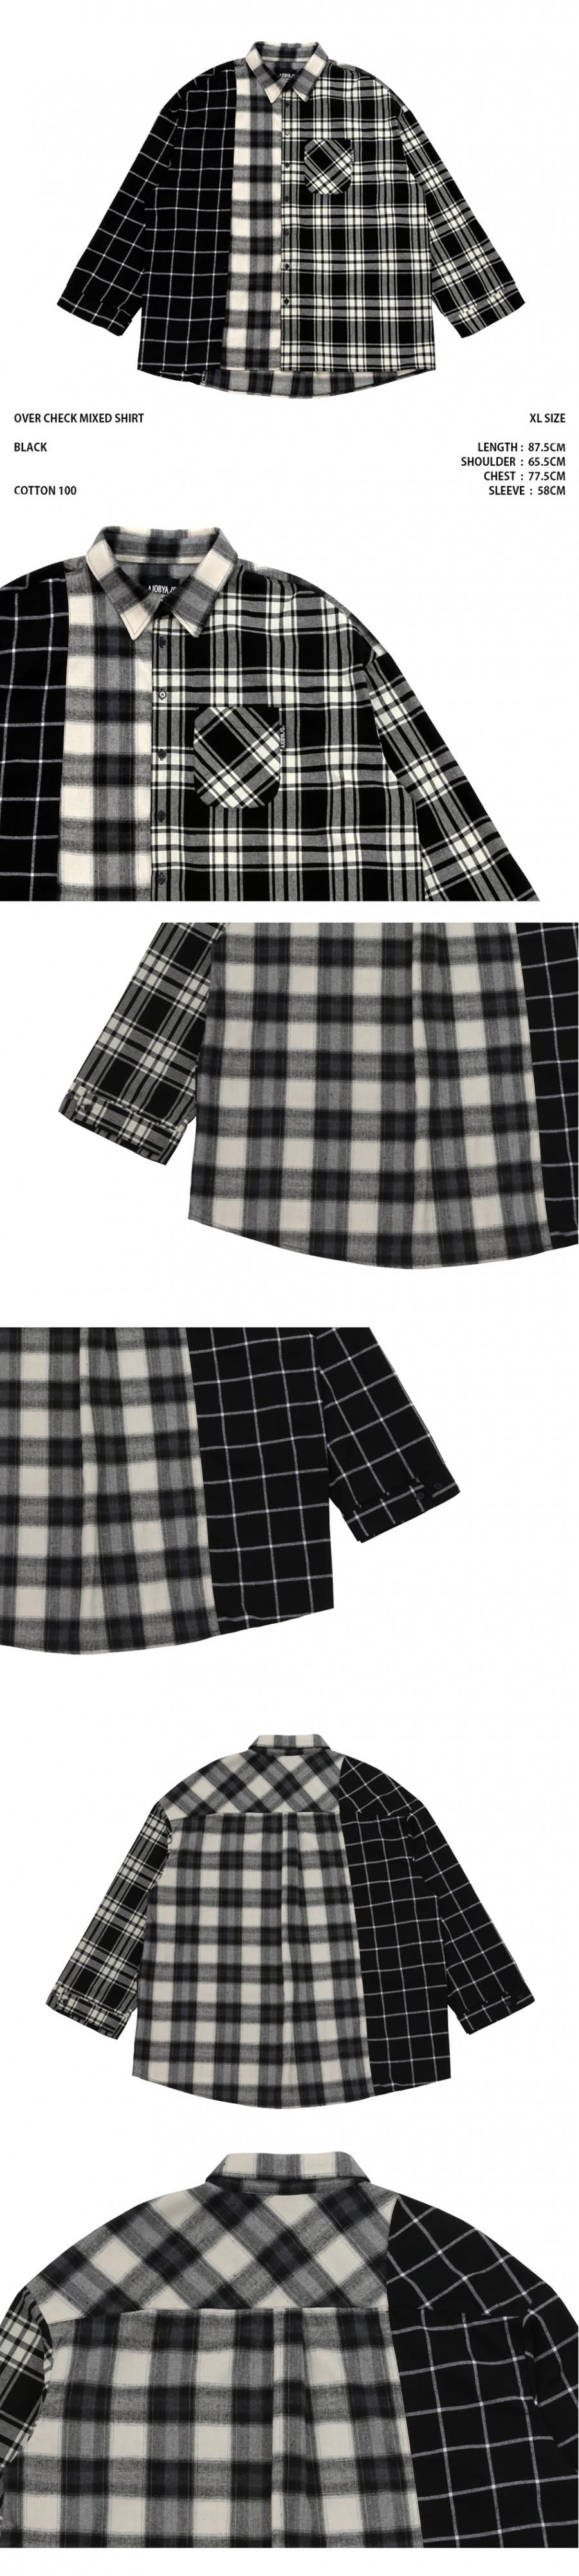 아조바이아조 오리지널 라벨(AJOBYAJO ORIGINAL LABEL) Over Check Mixed Shirt (Black)